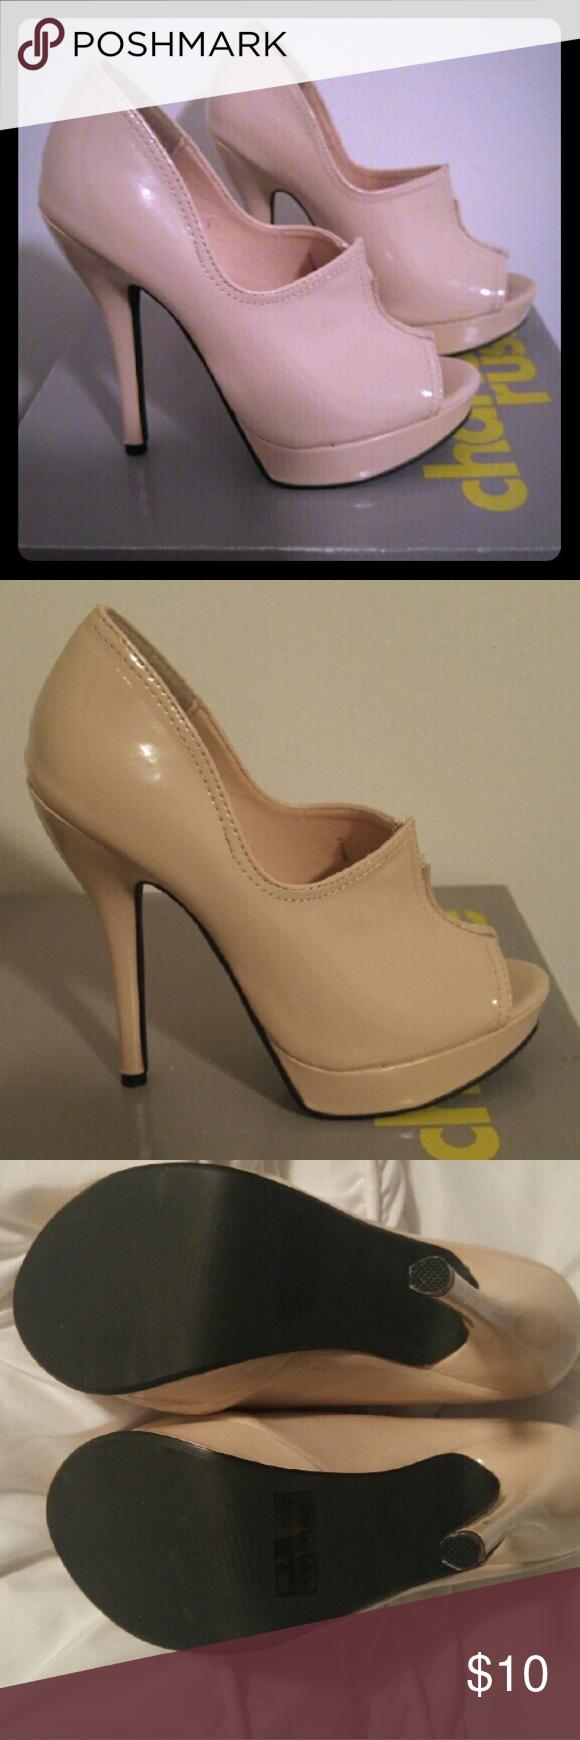 Women's peep toe stiletto heels size 7 Charlotte russe nude color peep toe stiletto heels. Charlotte Russe Shoes Heels